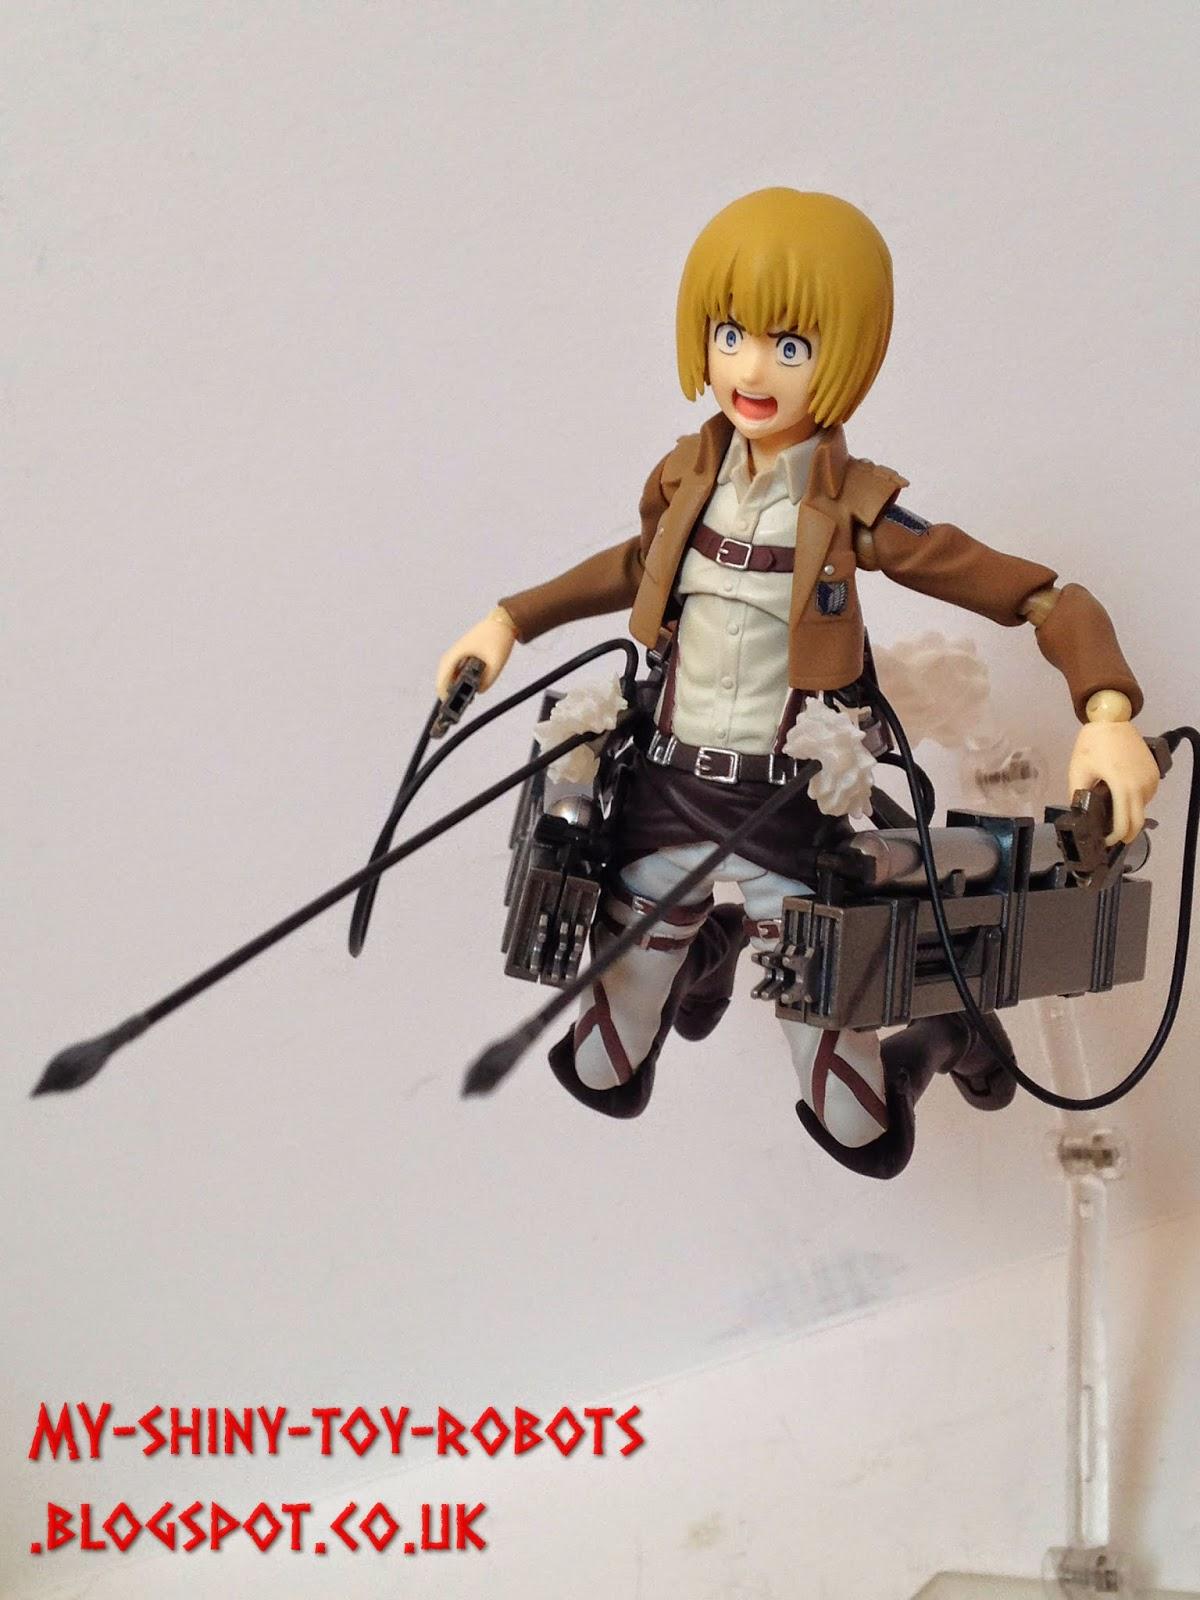 Spider-Armin, Spider-Armin...